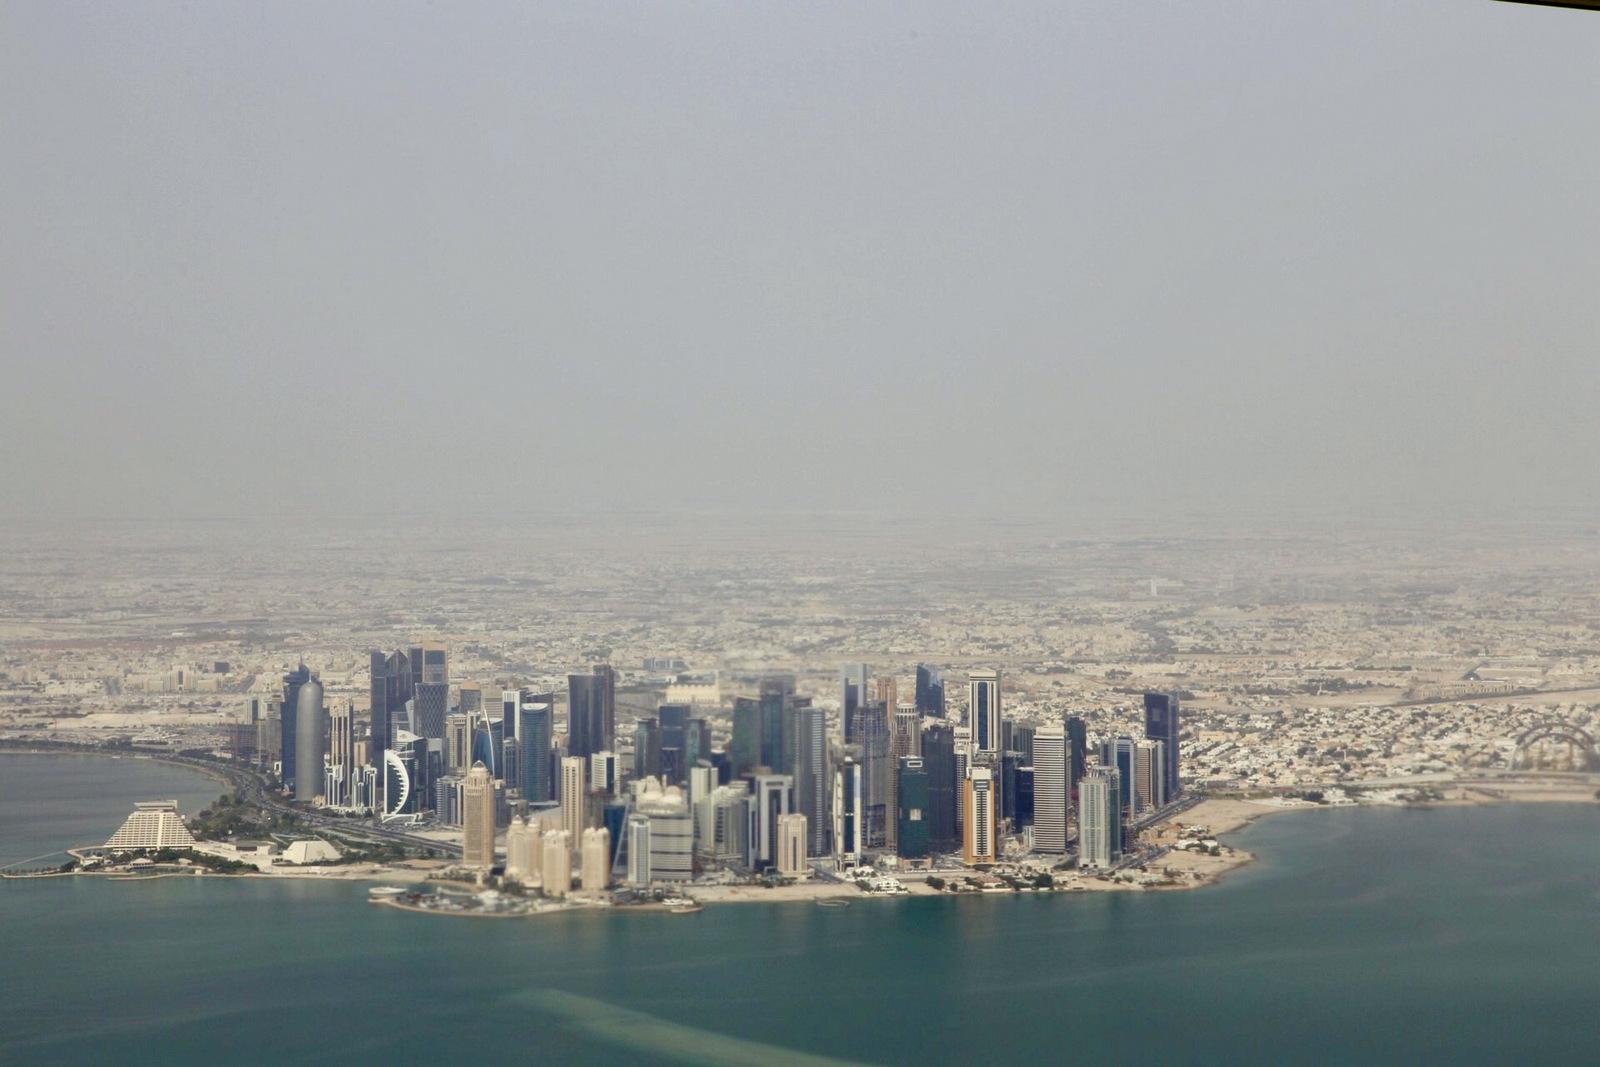 UNWTO назвала Катар самой открытой страной на Ближнем Востоке